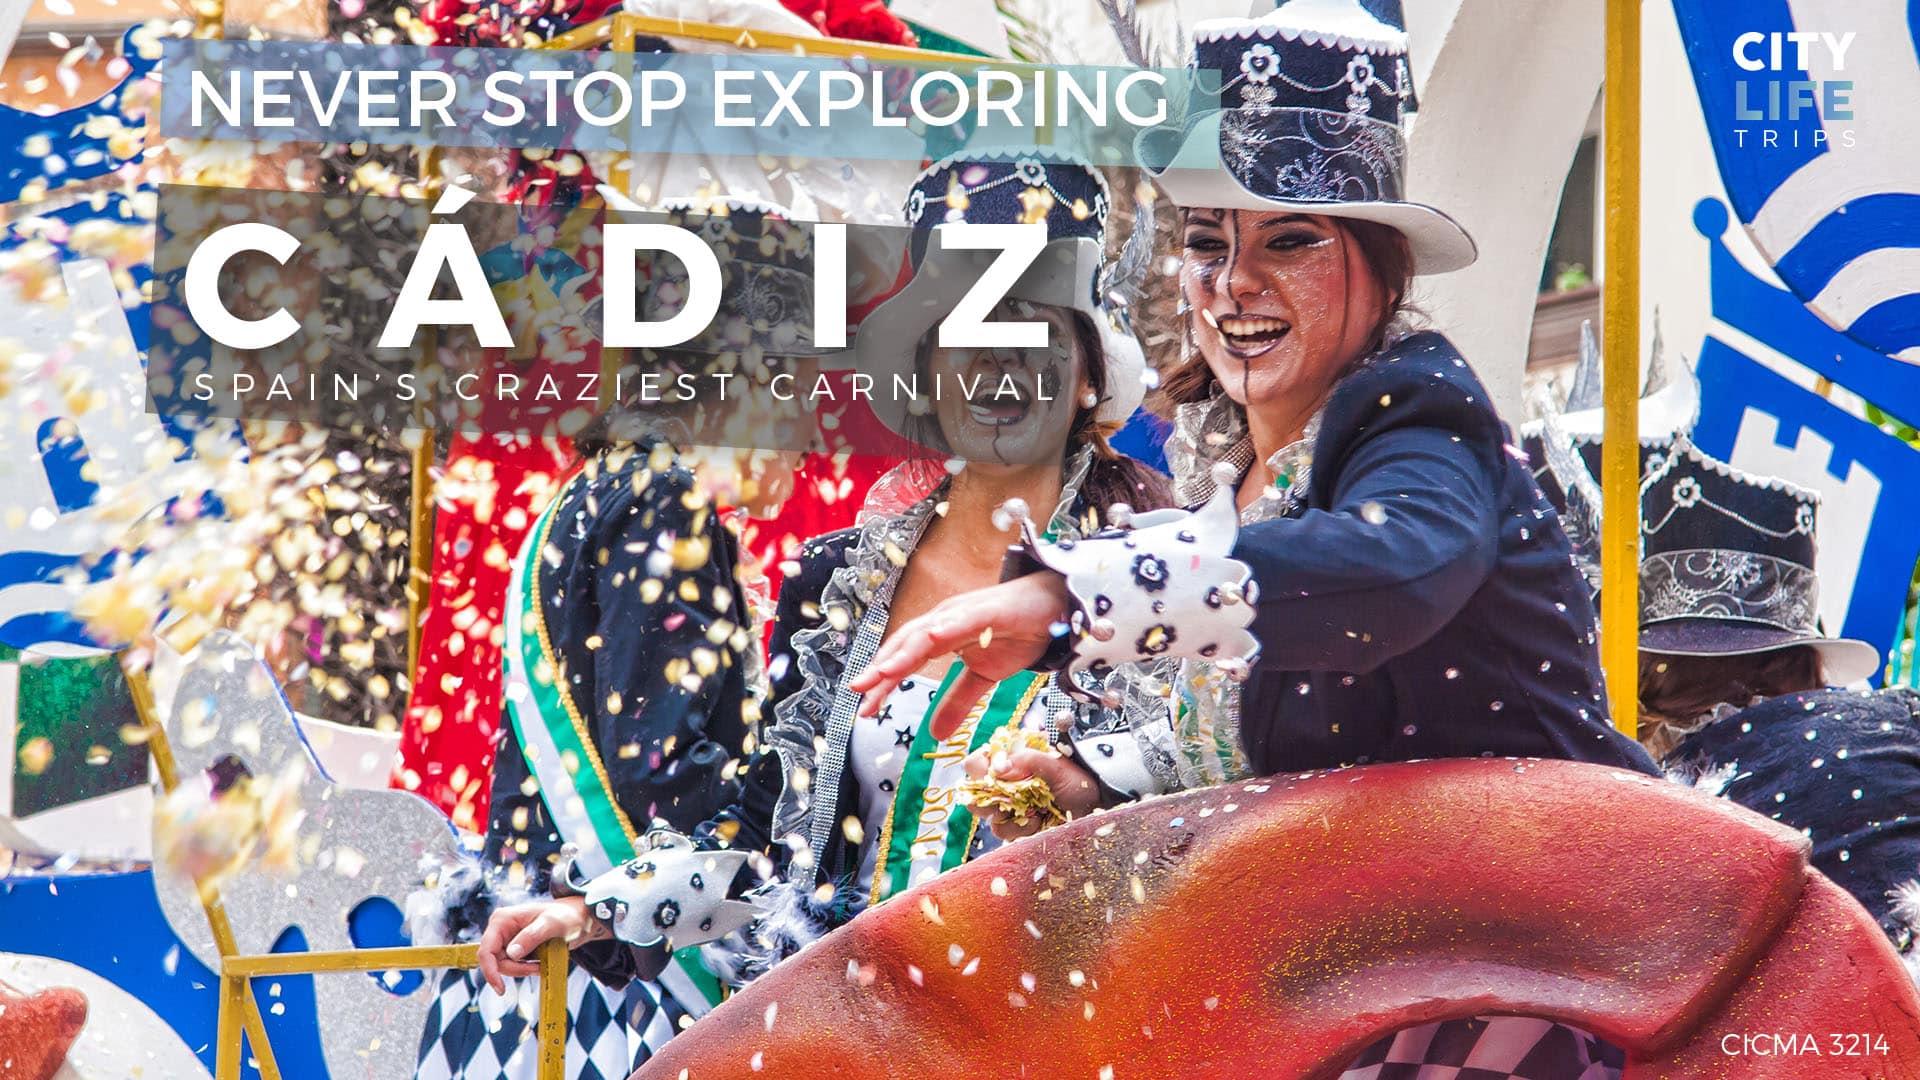 Cádiz Carnival #1 – Spain's Craziest Carnival